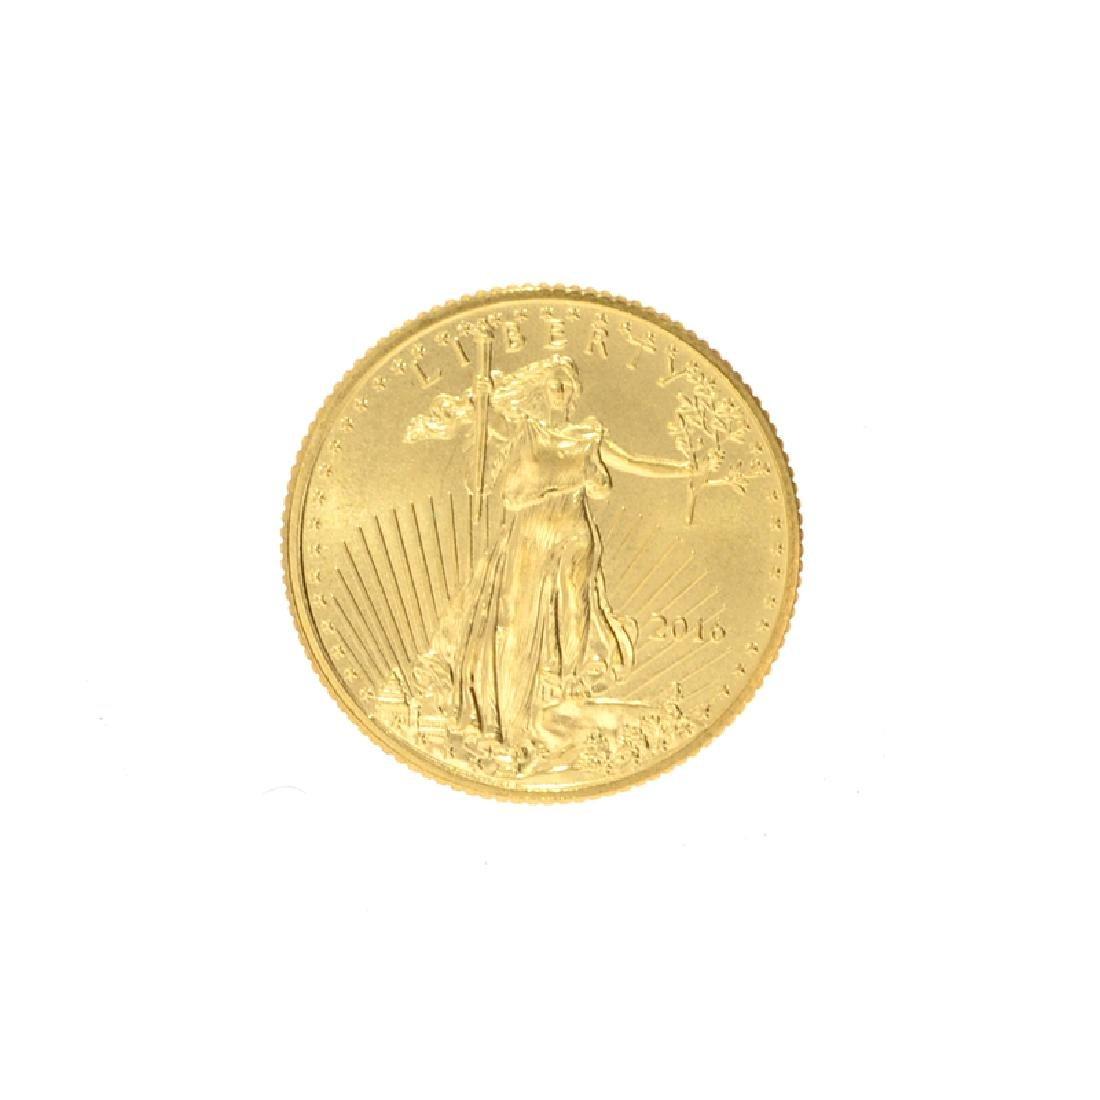 2016 1/10 oz. American Gold Eagle Coin